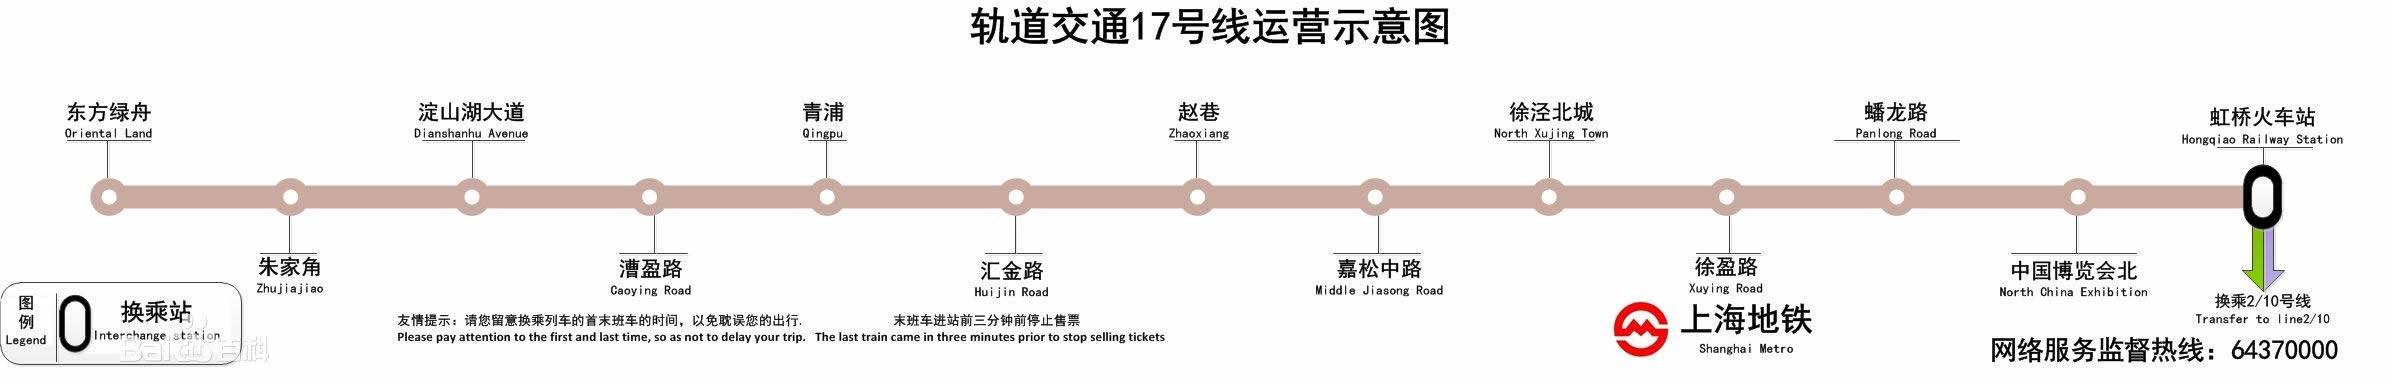 上海地铁17号线最新线路图